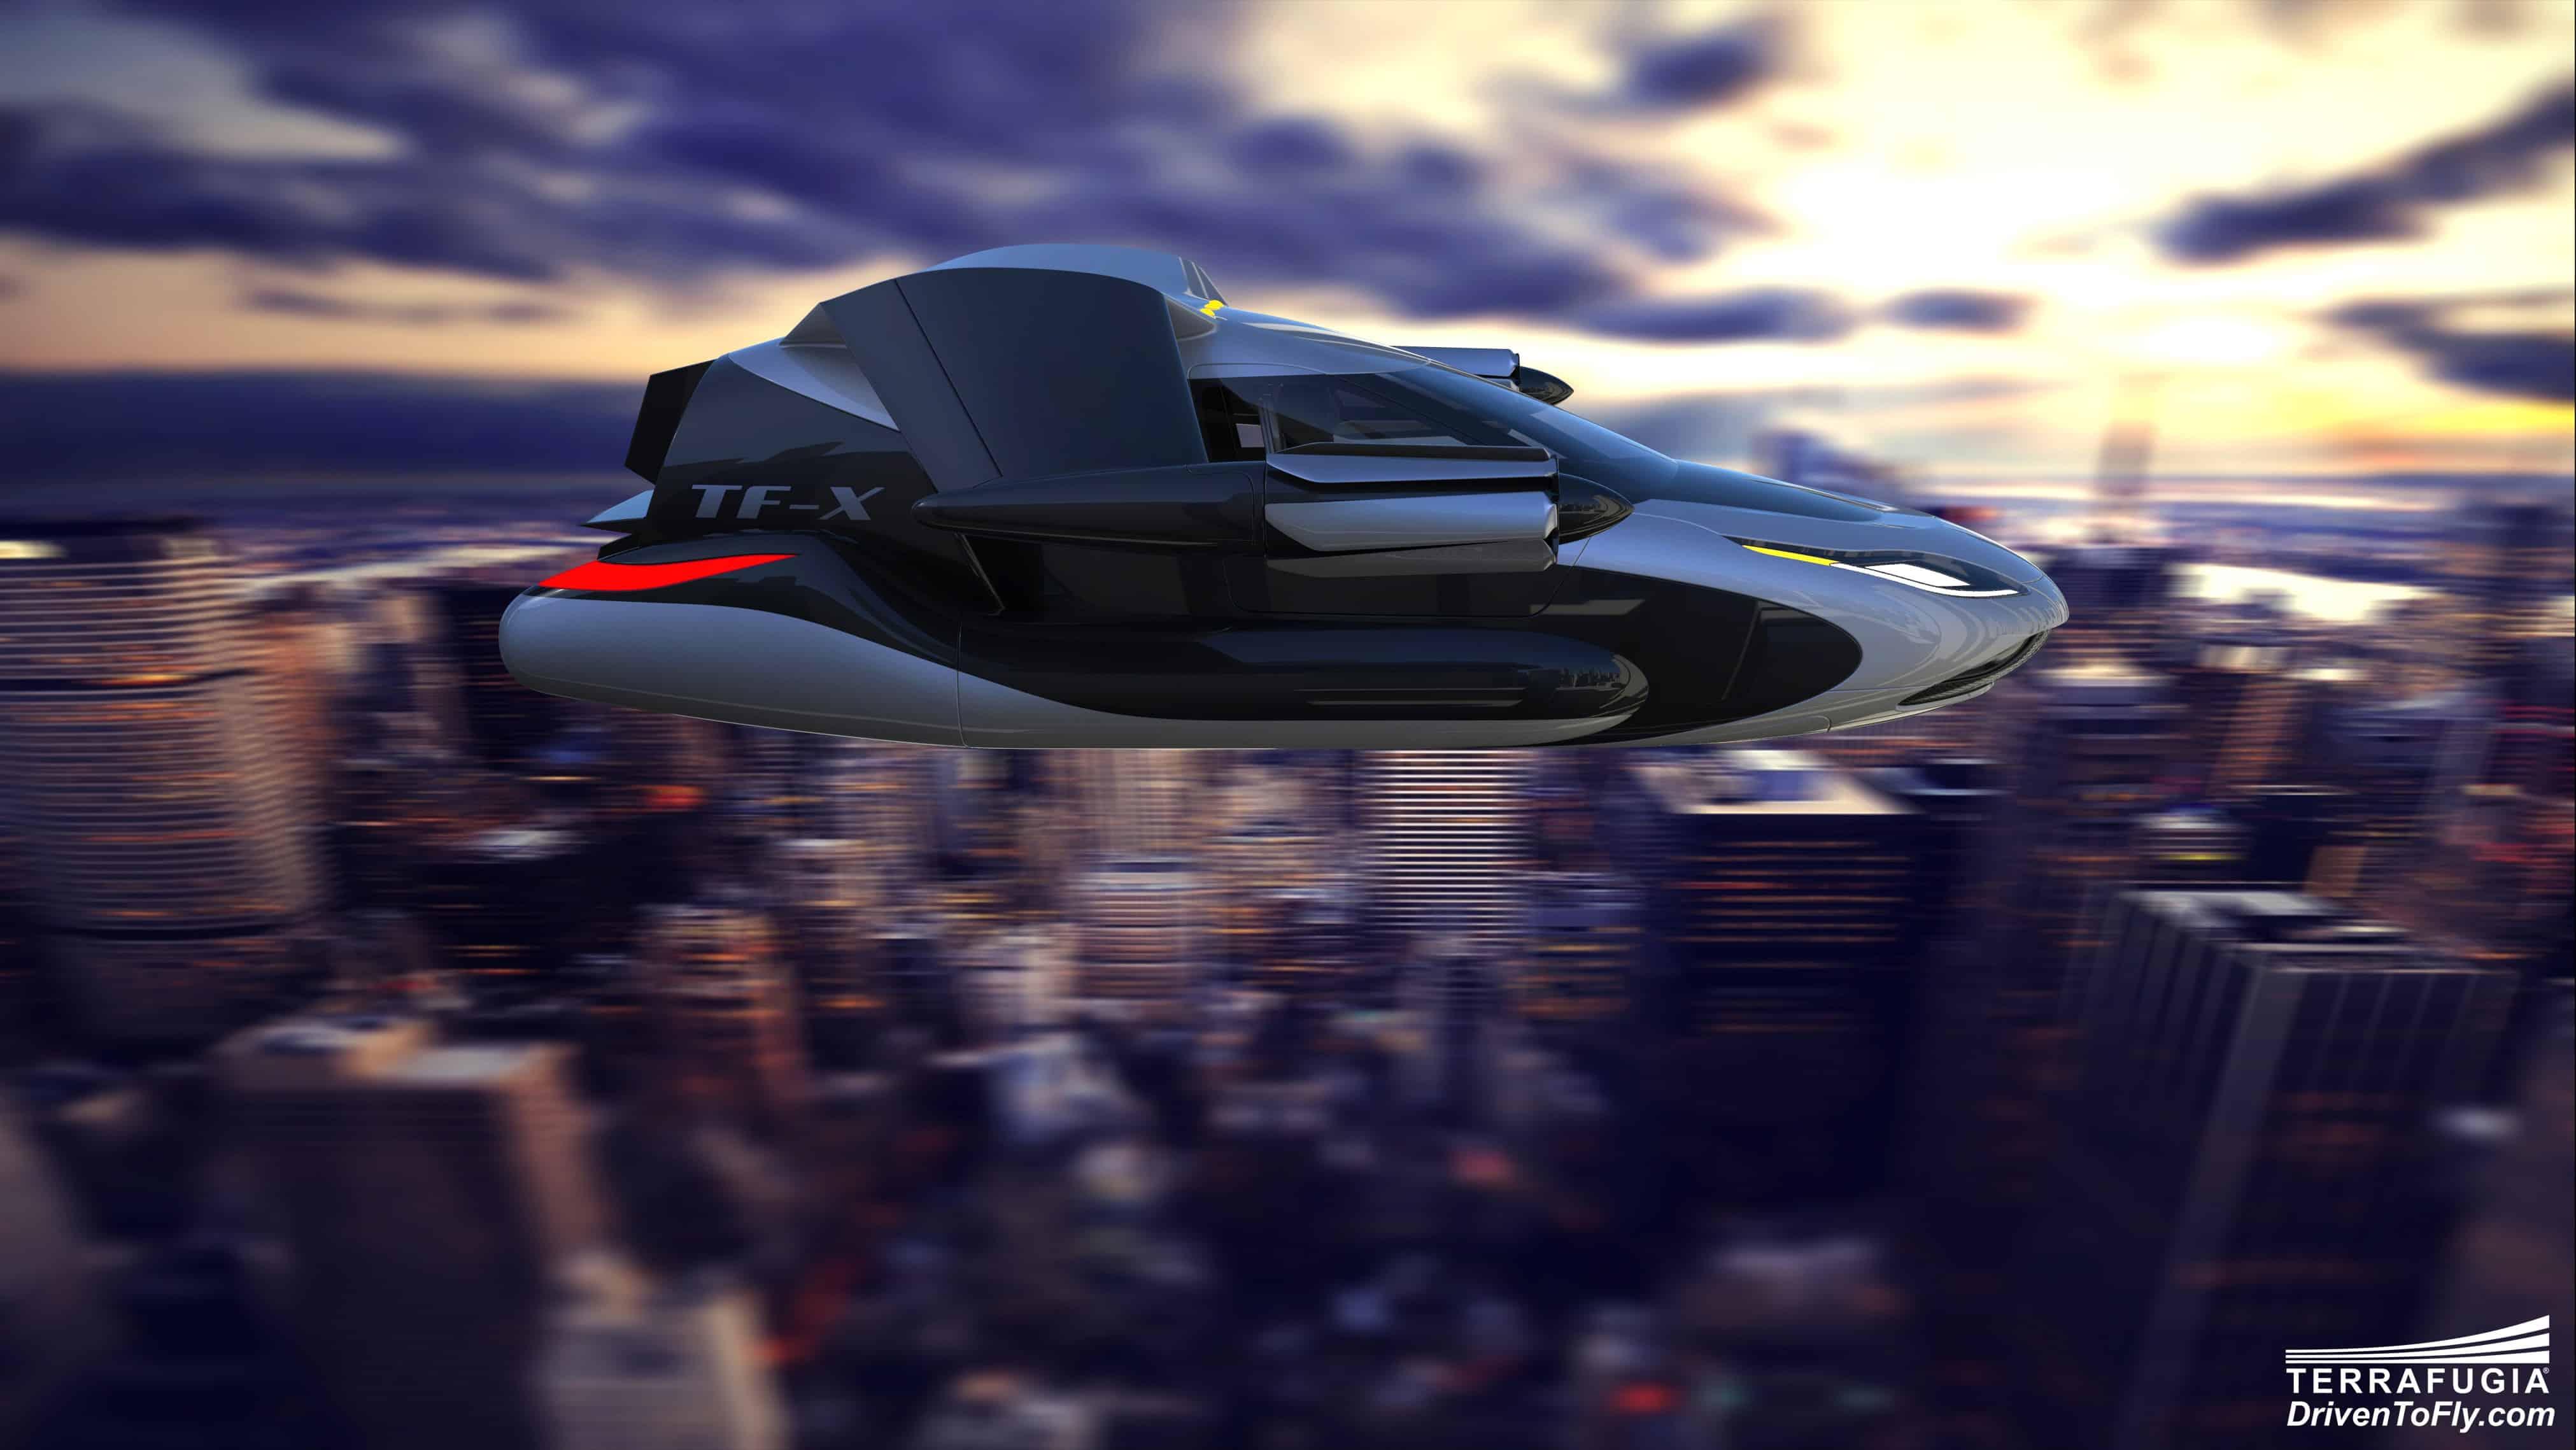 aae8881858ee61689174447f67f067f6 وداعاً للزحام.. السيارة الطائرة ستصبح جاهزة بحلول 2018